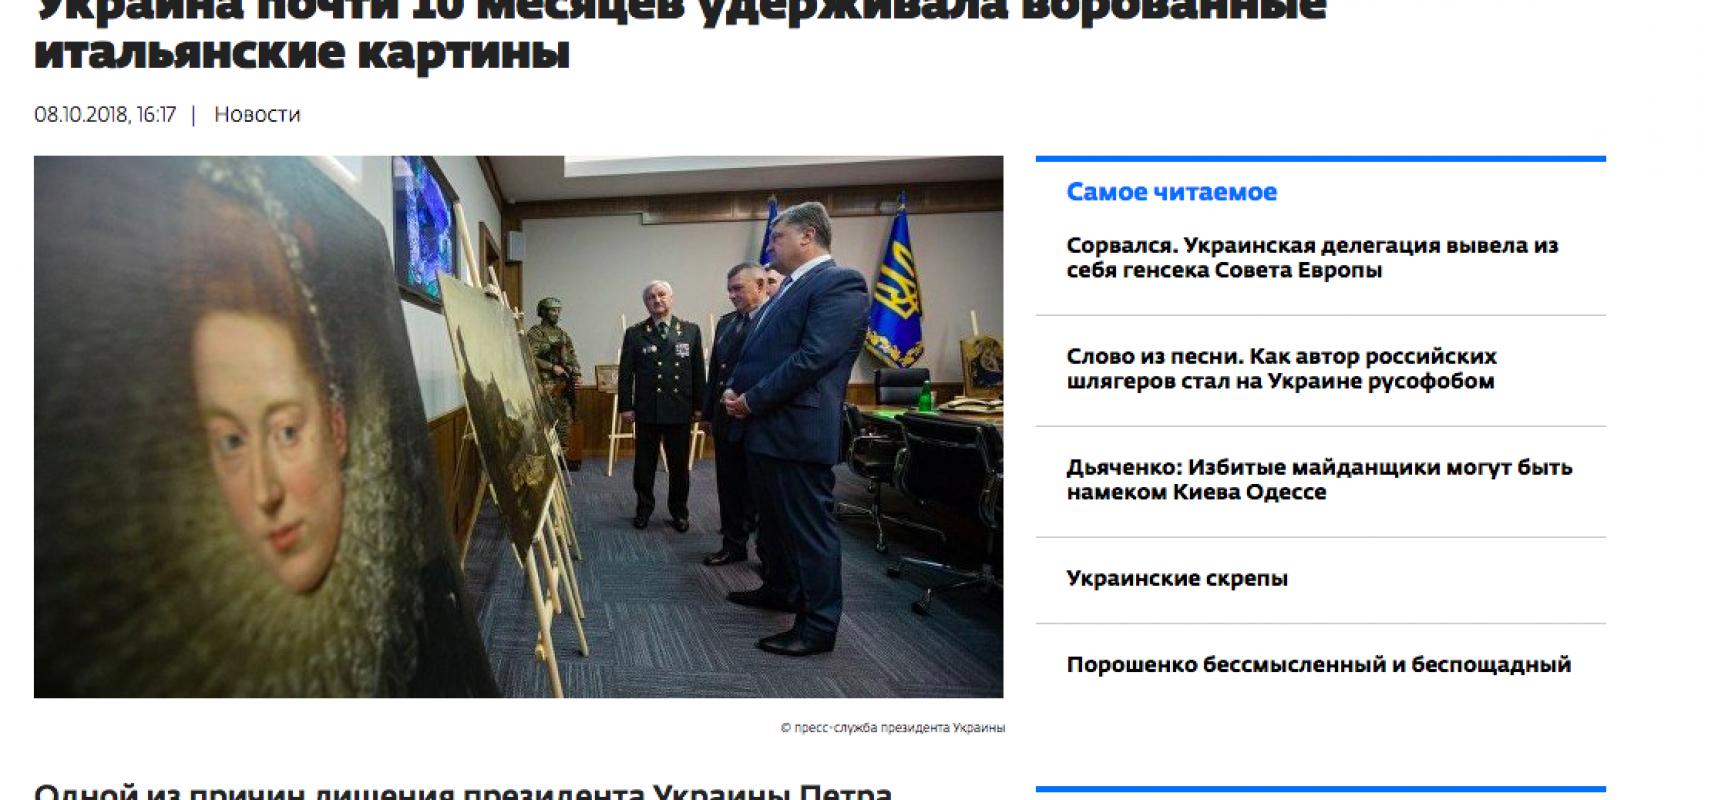 Manipolazione: il presidente Poroshenko è stato privato dello stato di cittadinanza onoraria di Verona a causa dei dipinti rubati